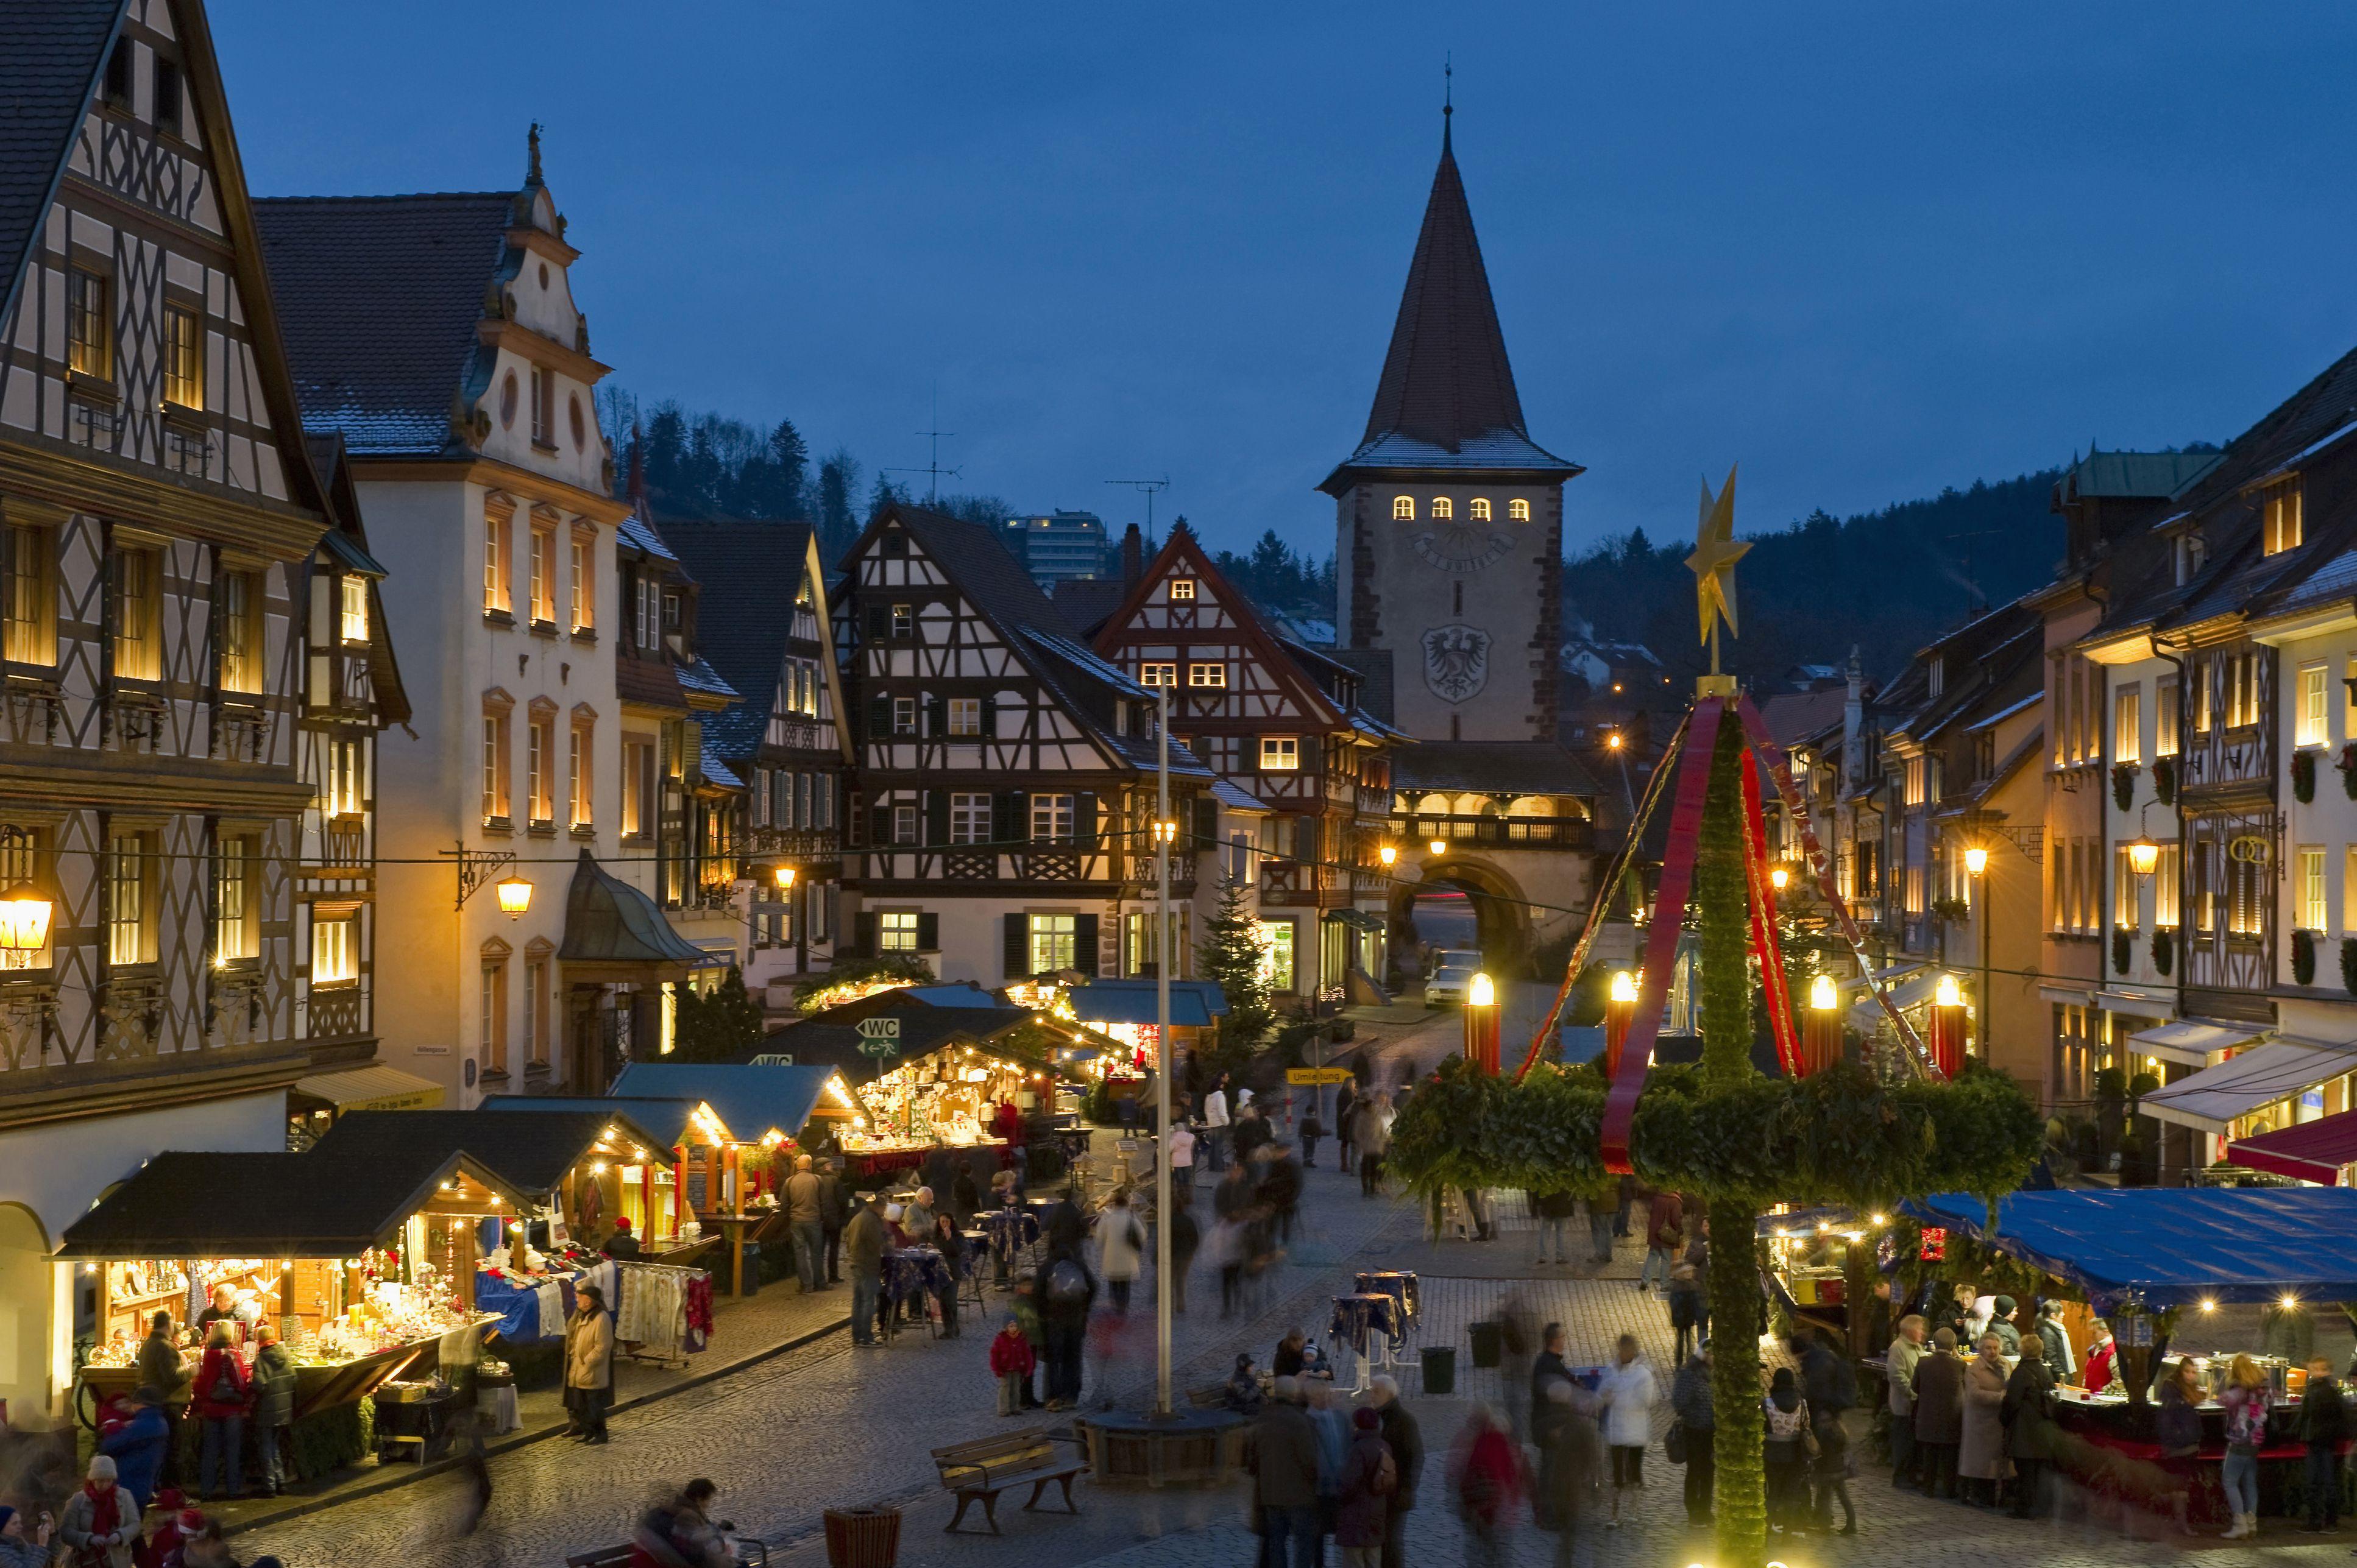 Kerstmarkten Duitsland Dit Zijn De Leukste Die Je Kan Bezoeken Op